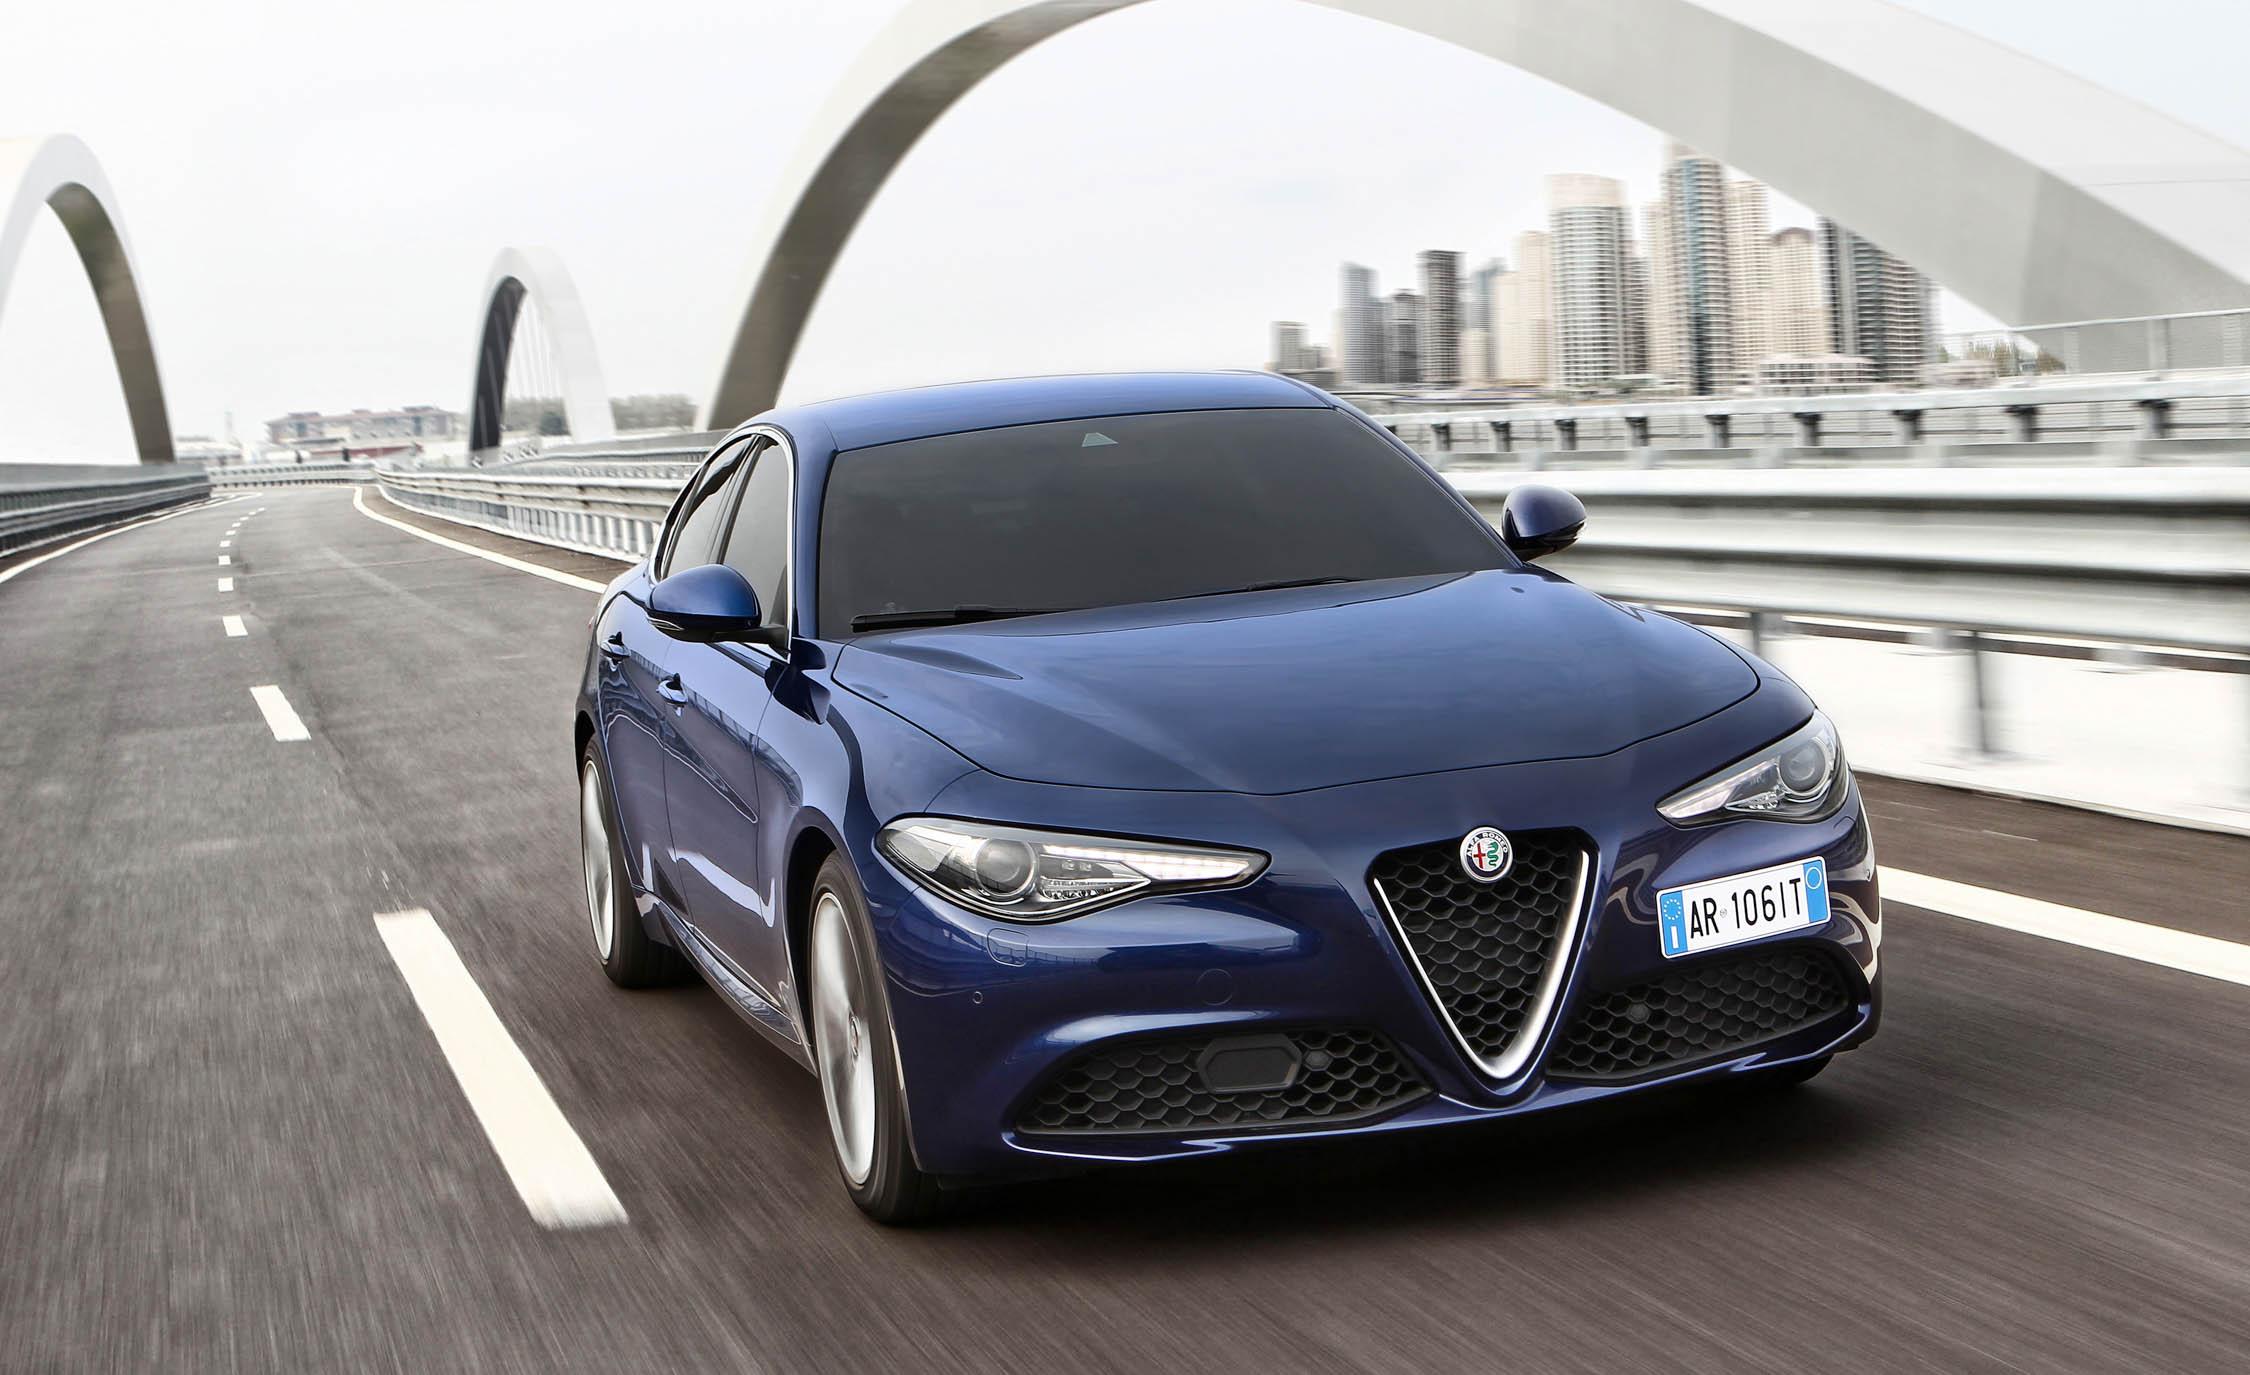 2017 Alfa Romeo Giulia (View 6 of 30)